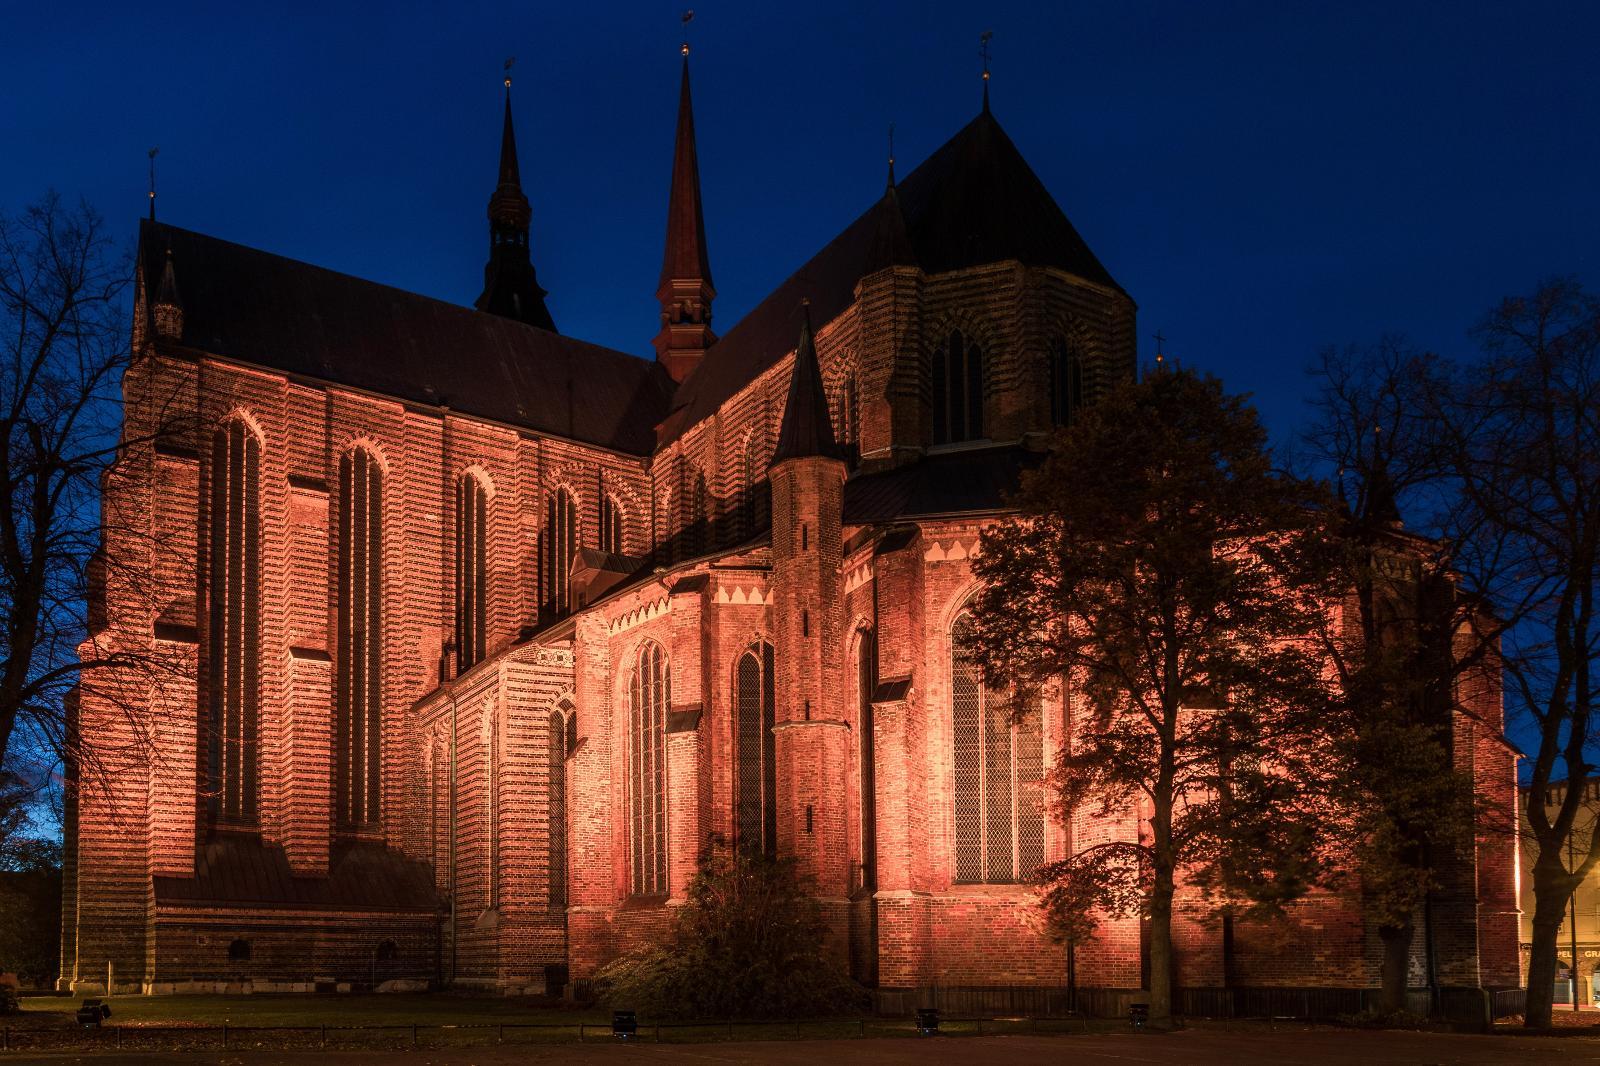 Rottöne betonten die Marienkirche.